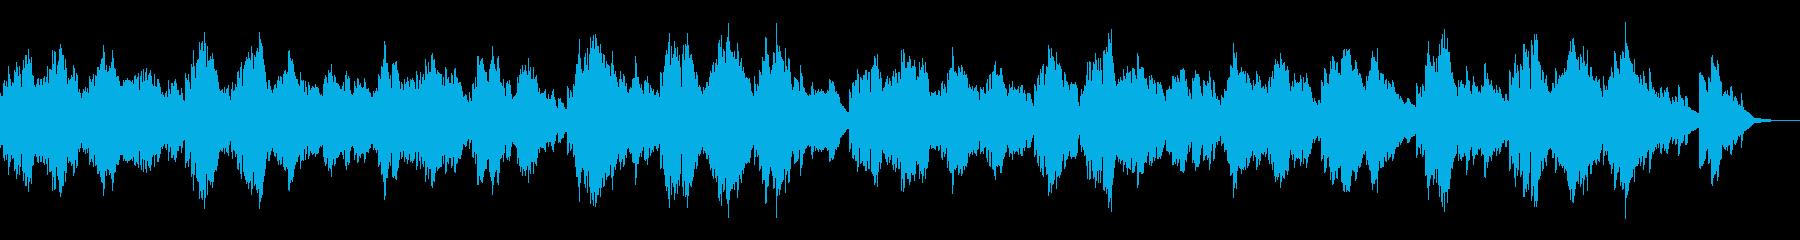 ほろ苦い繊細な音のような繊細なソロ...の再生済みの波形